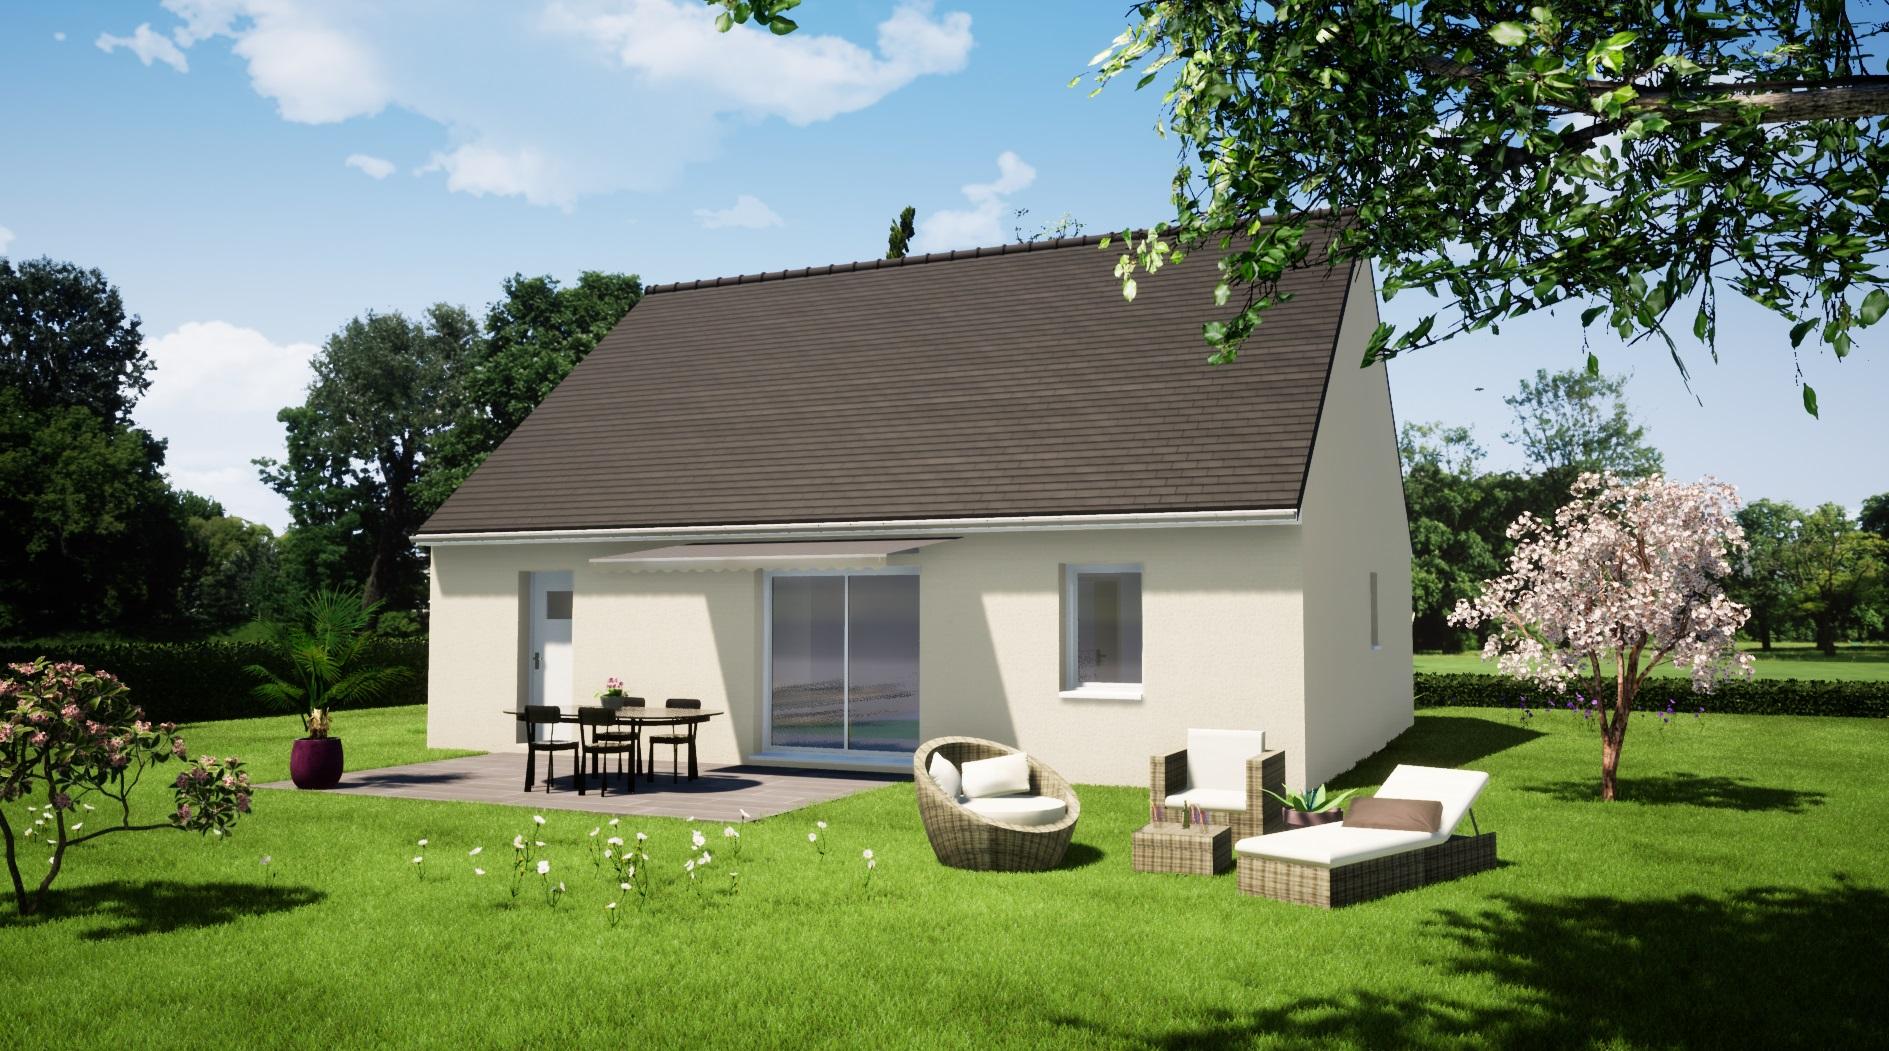 maison 2 chambres + garage plain pied maison lg en sarthe le mans, maison pas cher plan arriere